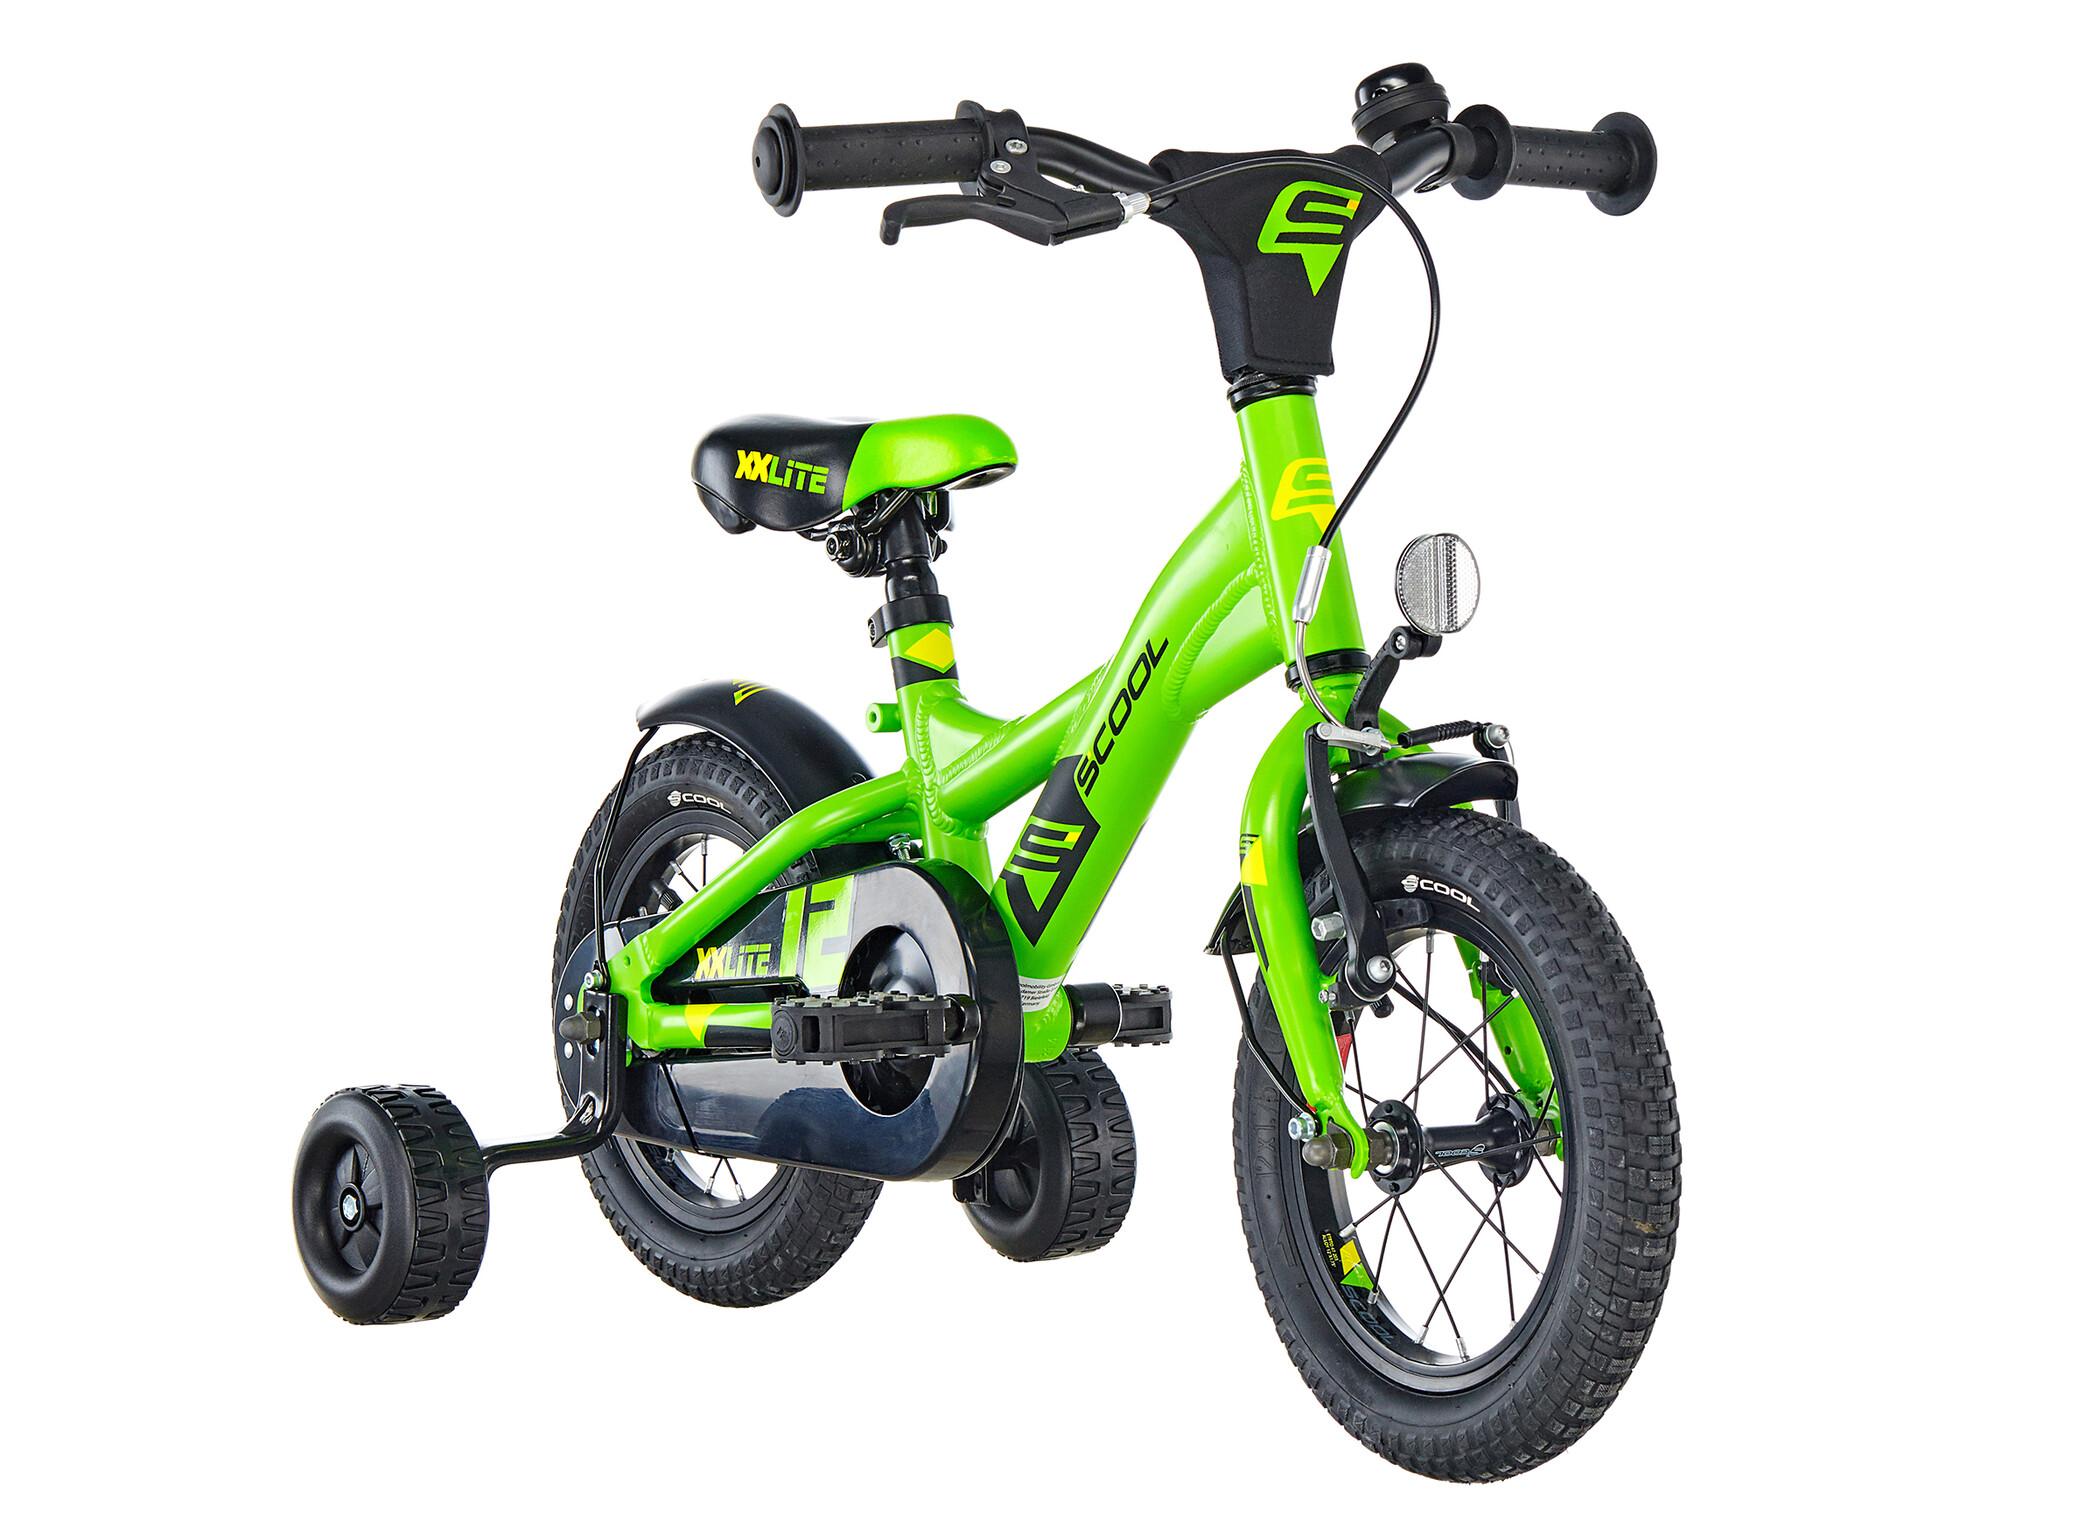 Kinderfahrrad 12 18 Zoll günstig kaufen   bikester.at